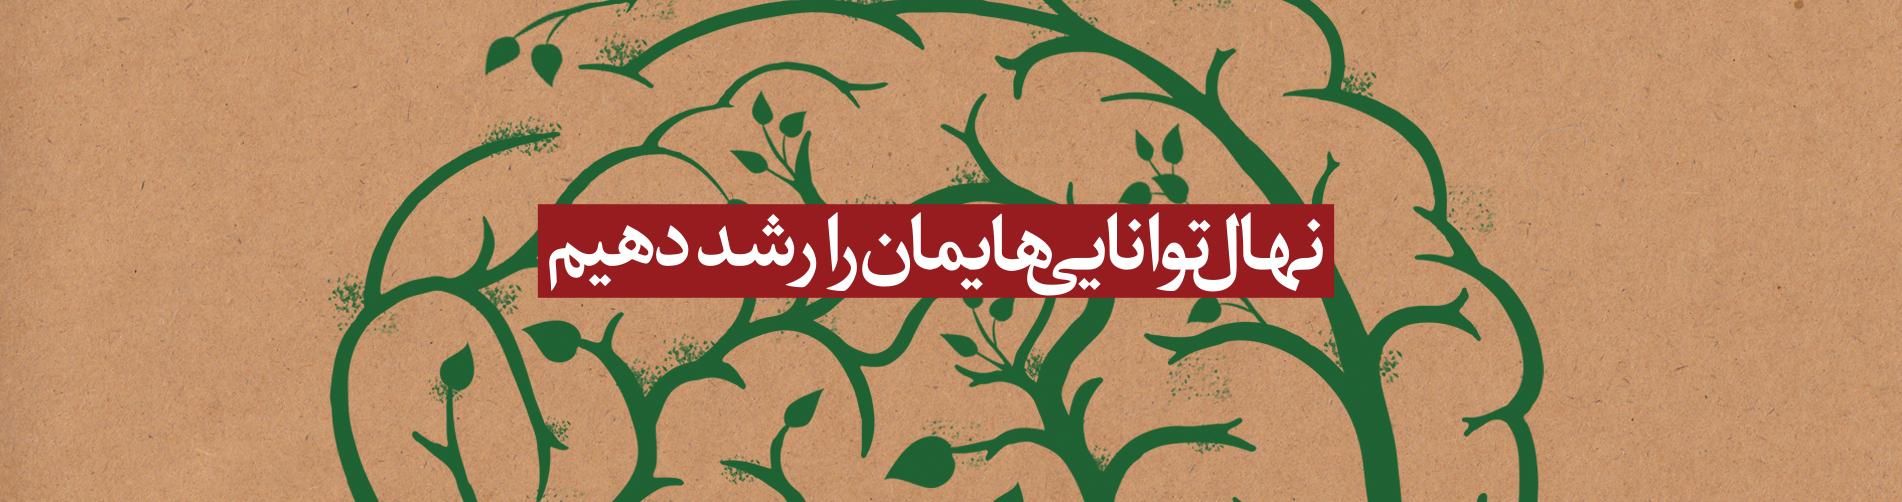 همایش شناخت تواناییها اصفهان